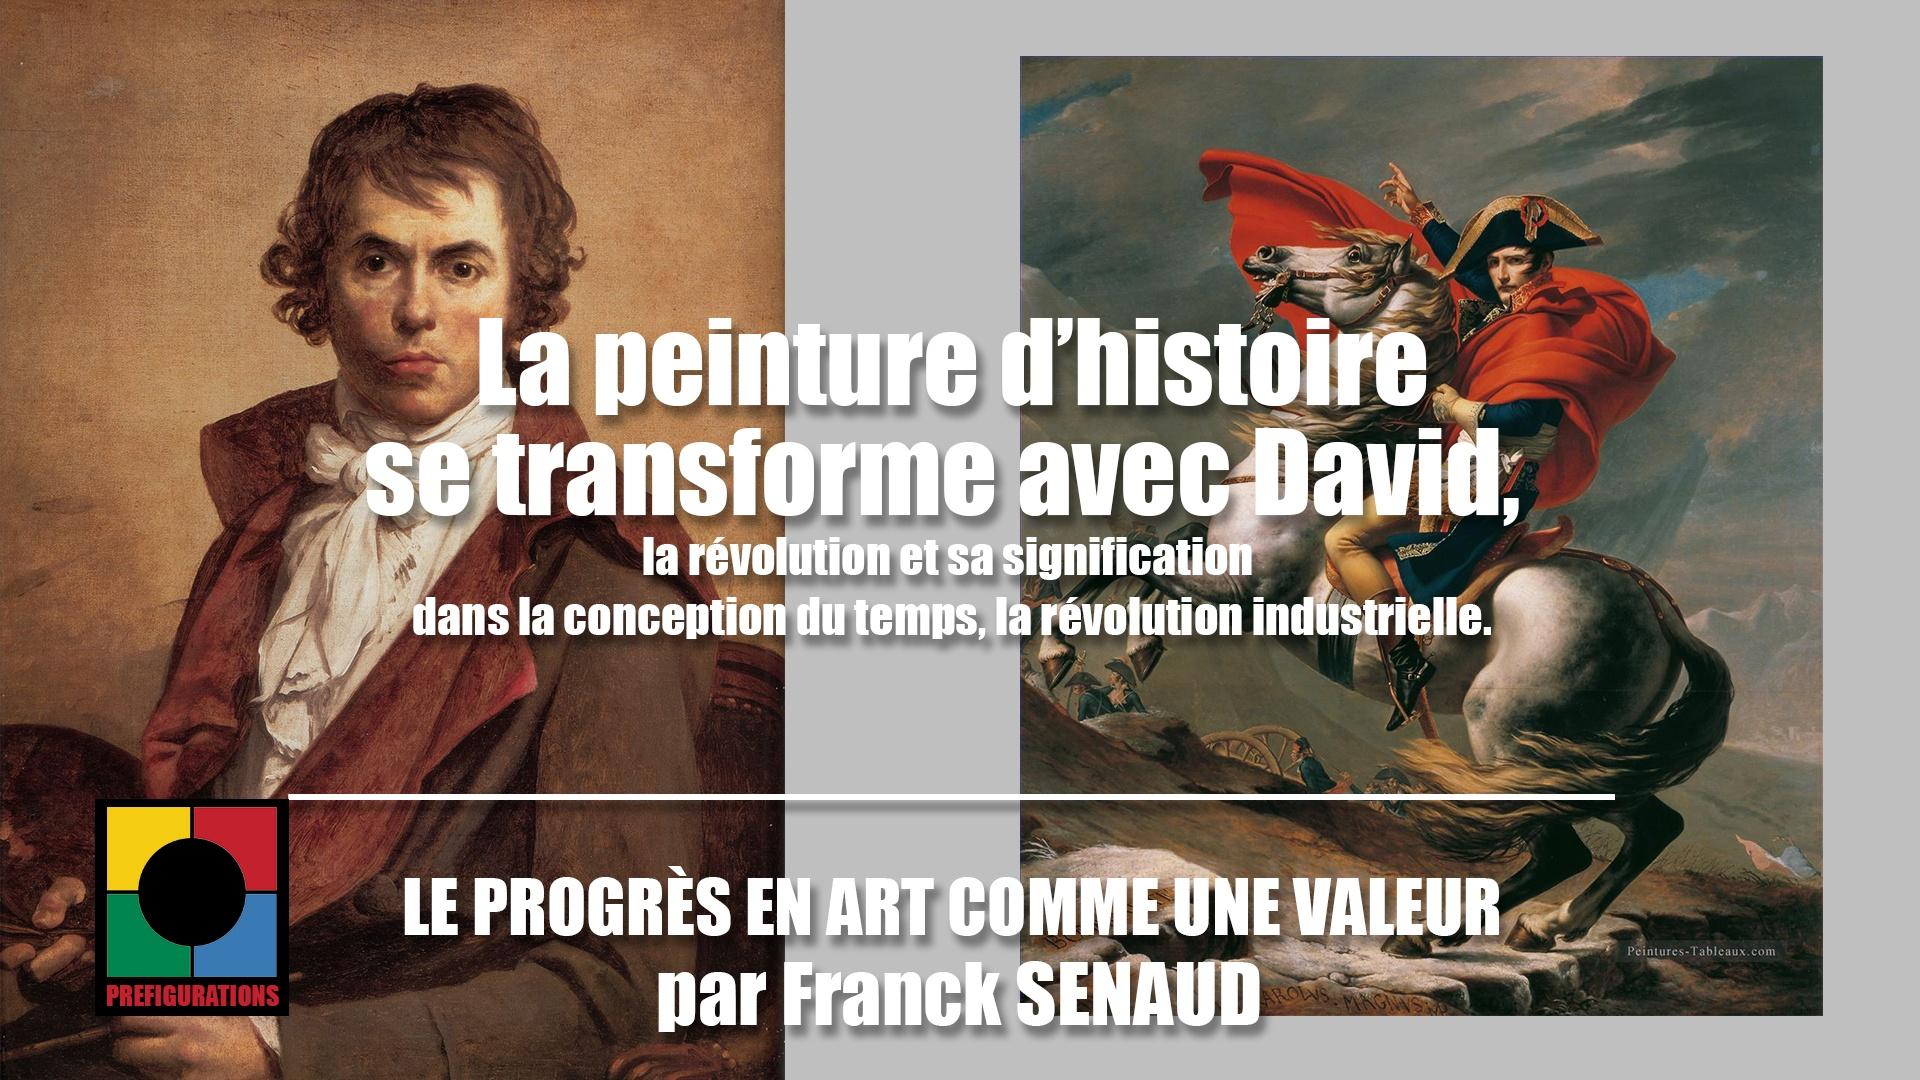 LA QUOTIDIENNE HDA : l'art moderne en 40 épisodes – En ligne En direct, dés le 23 Mars 2020 @ En ligne En direct, tous les jours à 17h , pendant 40 jours